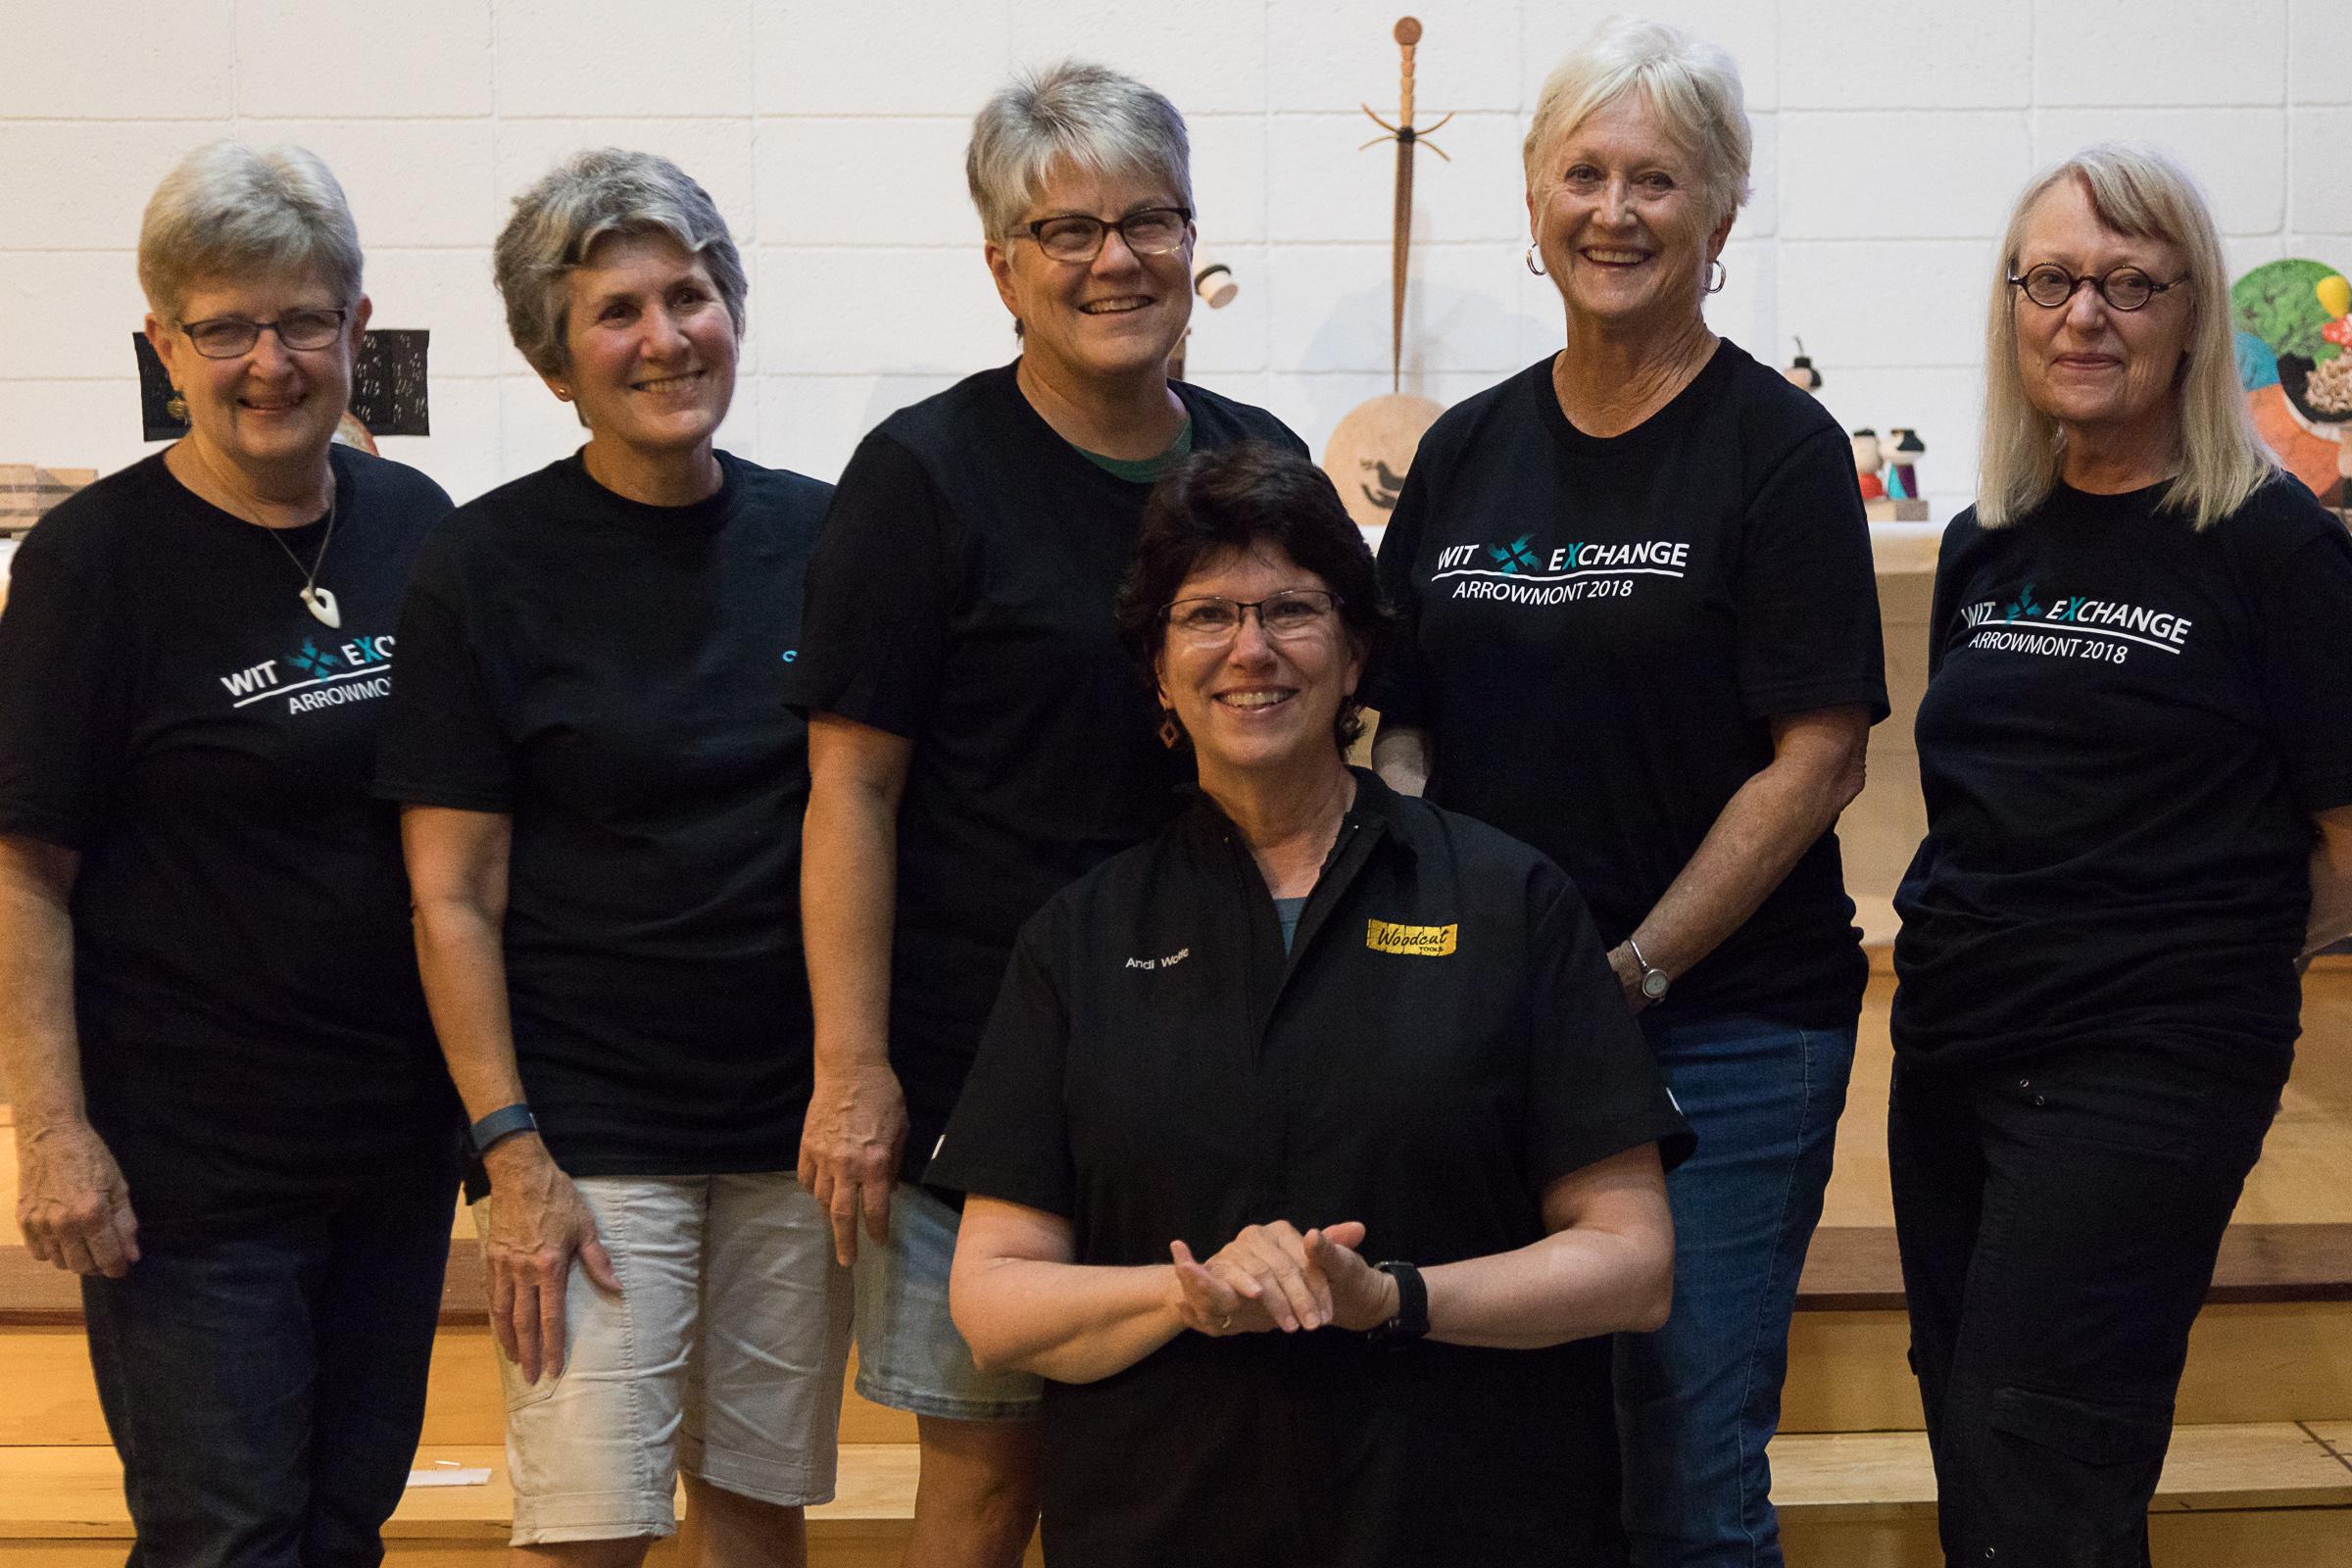 2018 WIT Committee Members